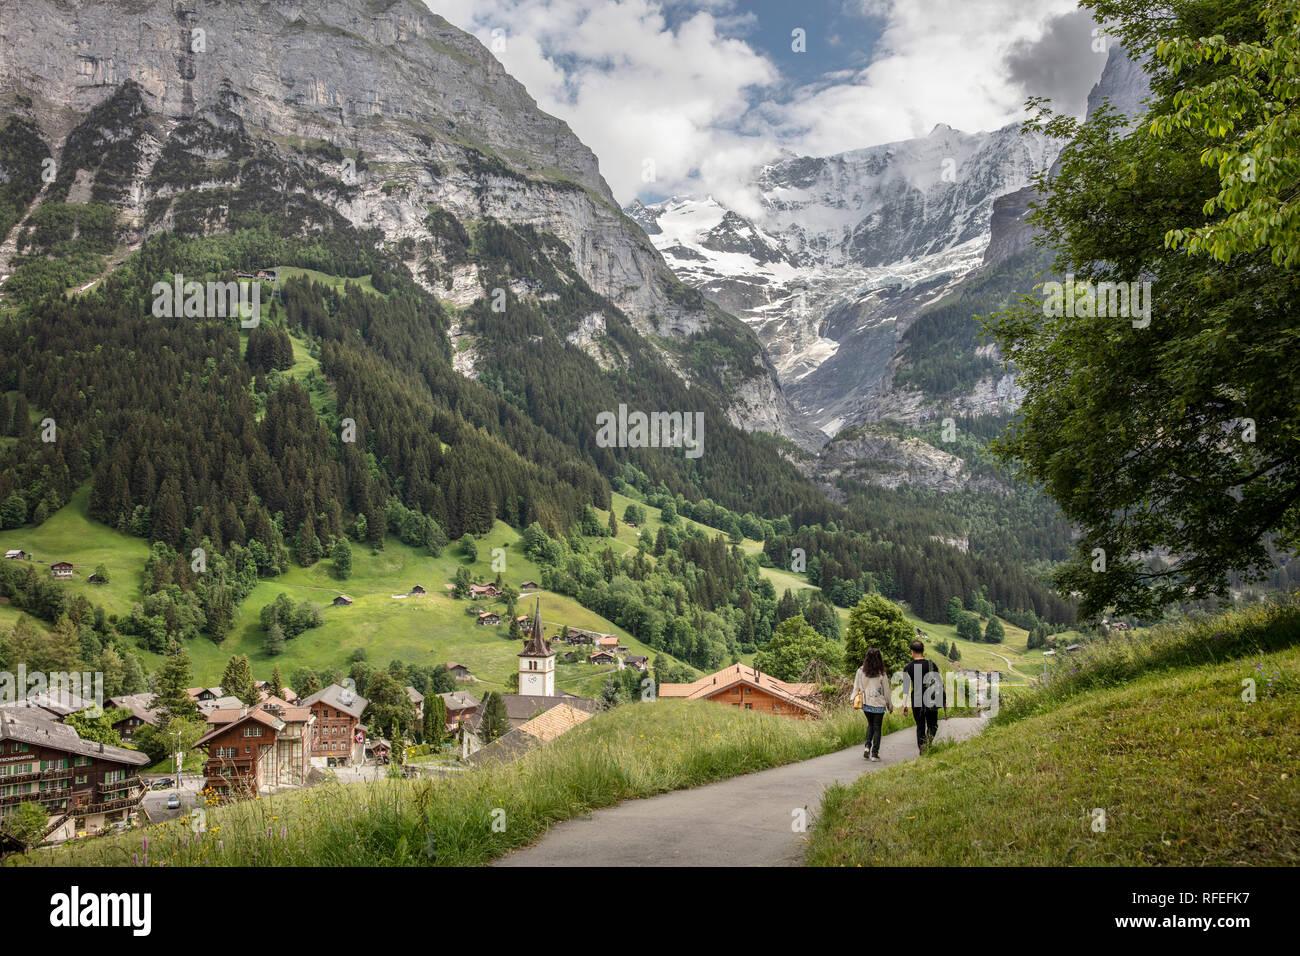 La Suisse, les Alpes, Berner Oberland, Grindelwald, printemps. Couple hiking. Banque D'Images